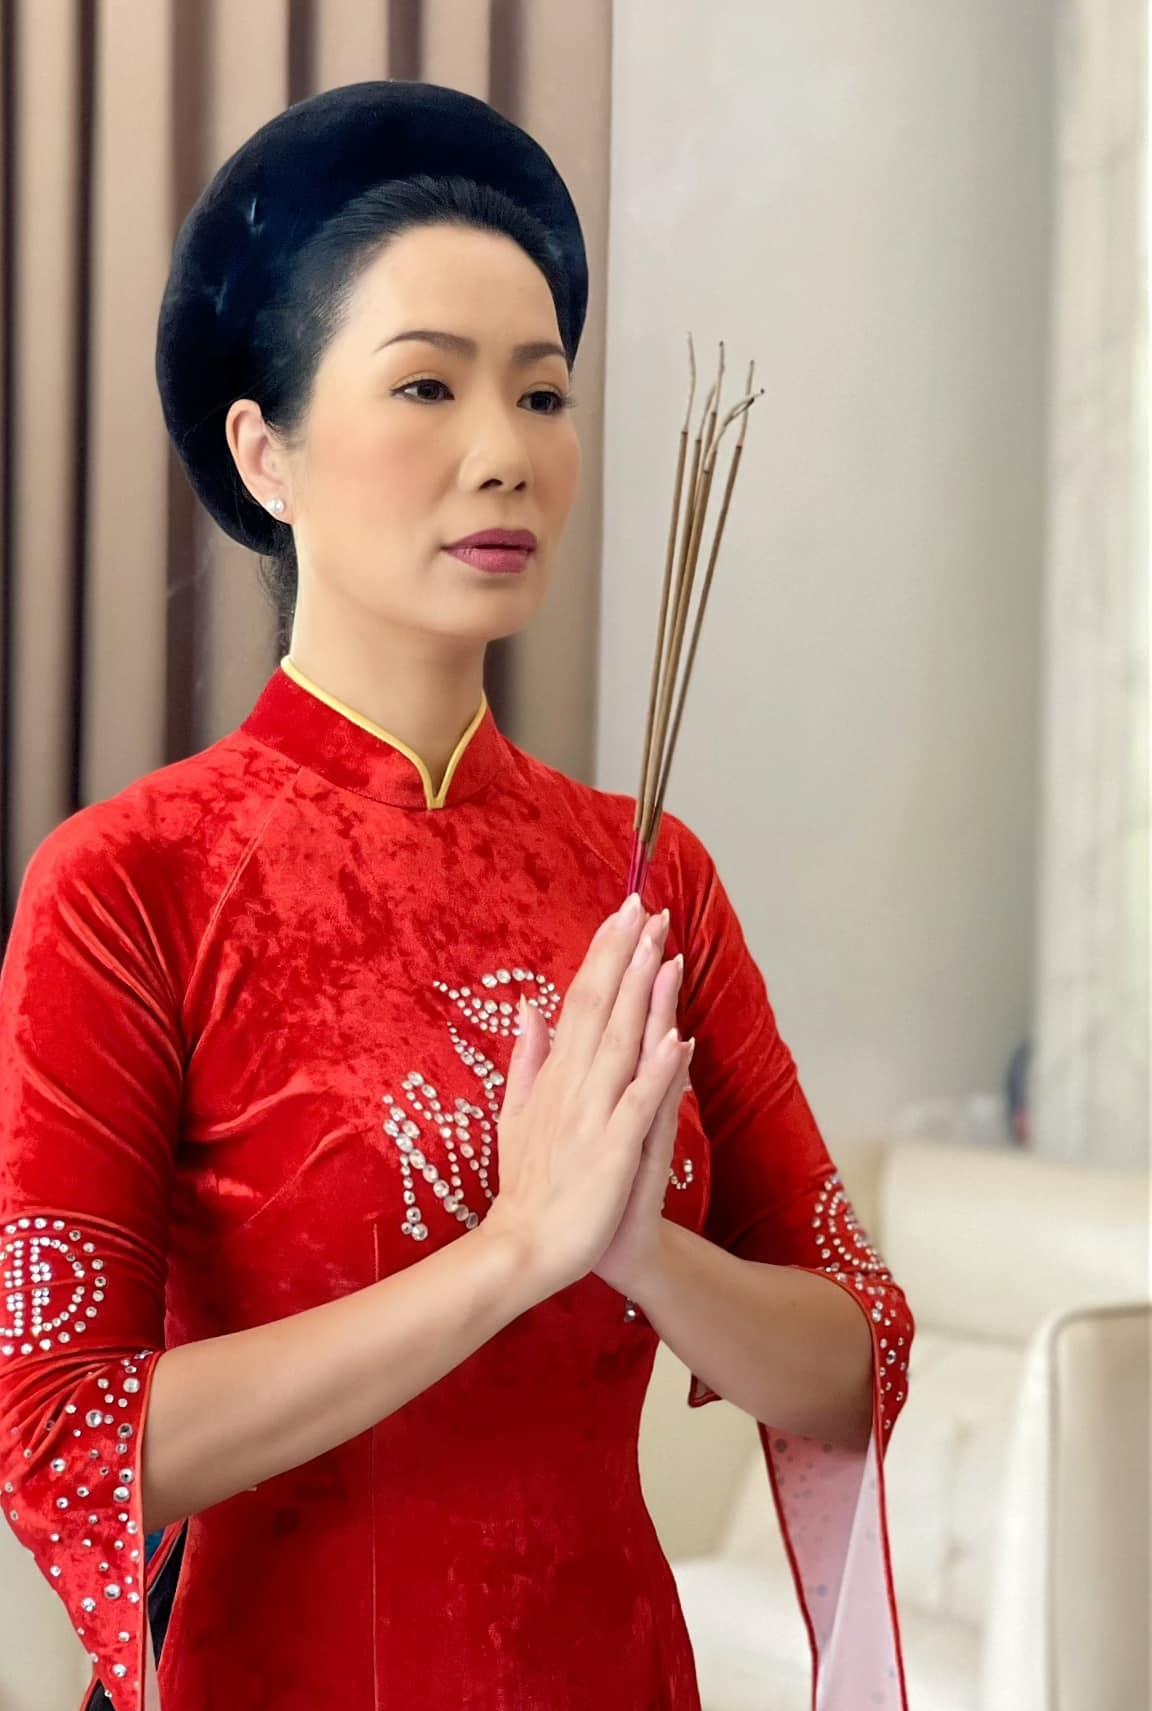 t1 16319610024081151900043 Nghệ sĩ cầu cho Phi Nhung, mong sân khấu sớm sáng đèn trở lại nhân ngày giỗ Tổ nghề